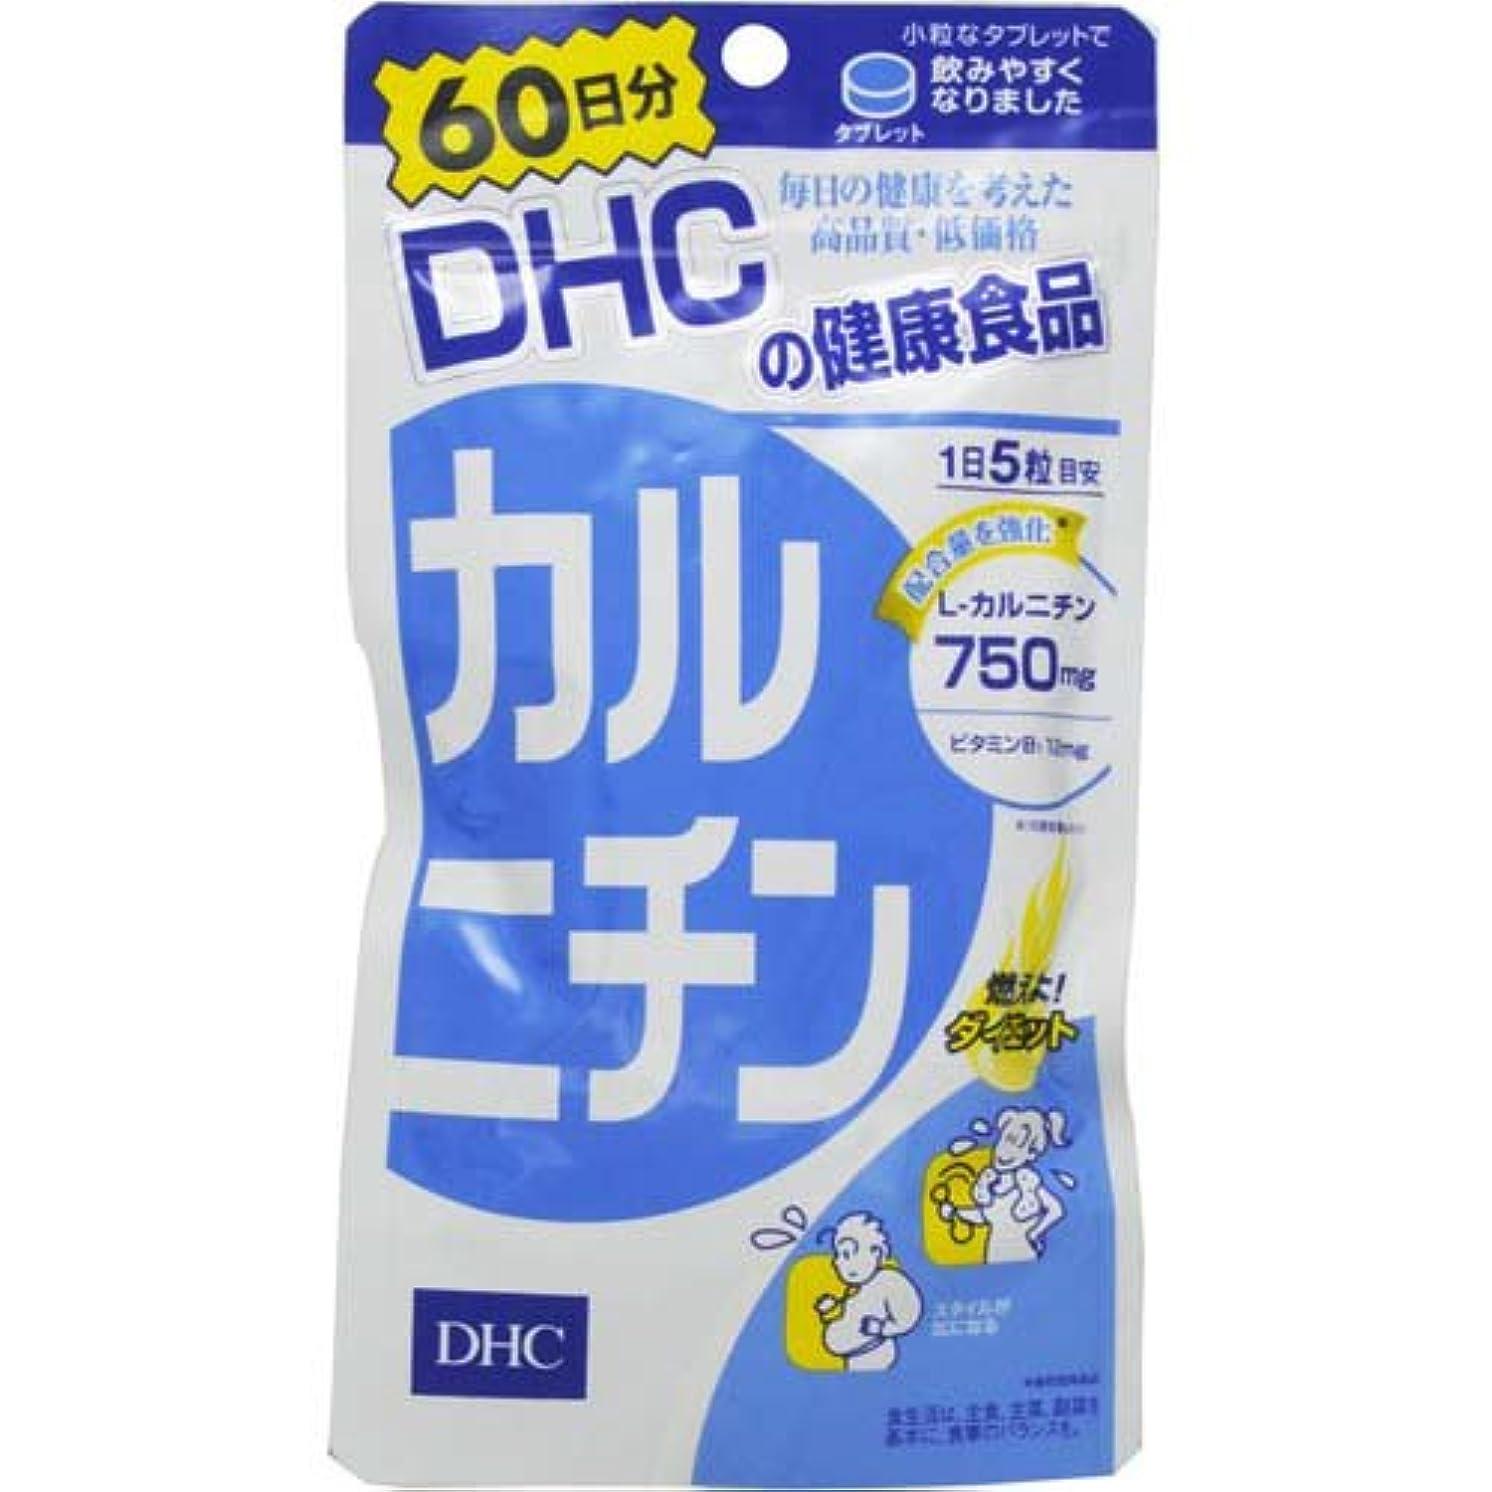 失望させるピアース燃やすDHC カルニチン 60日分 300粒